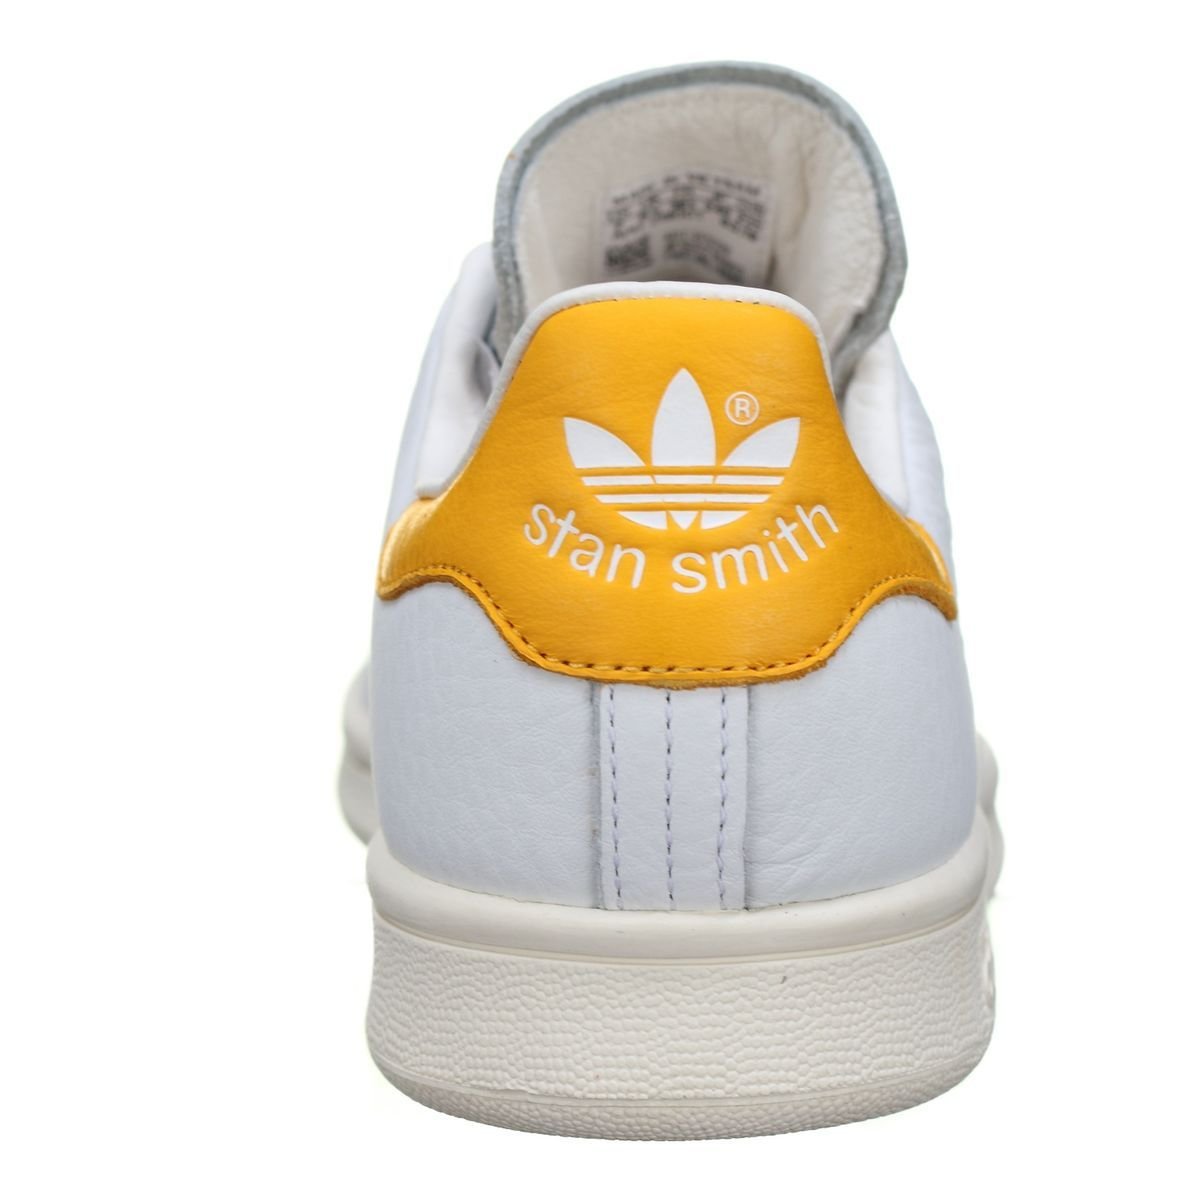 adidas stan smith femme orange 38